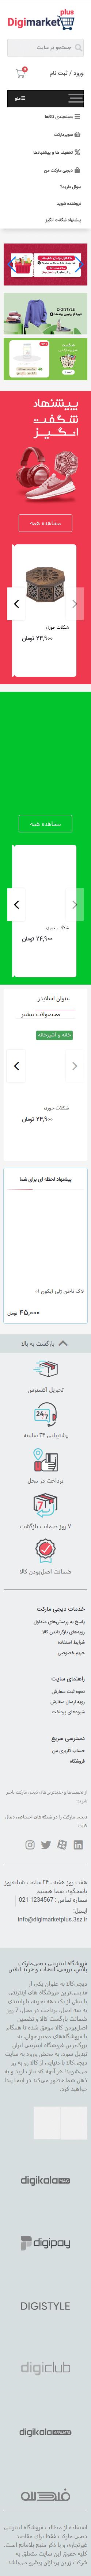 حالت موبایل سایت فروشگاهی دیجی مارکت